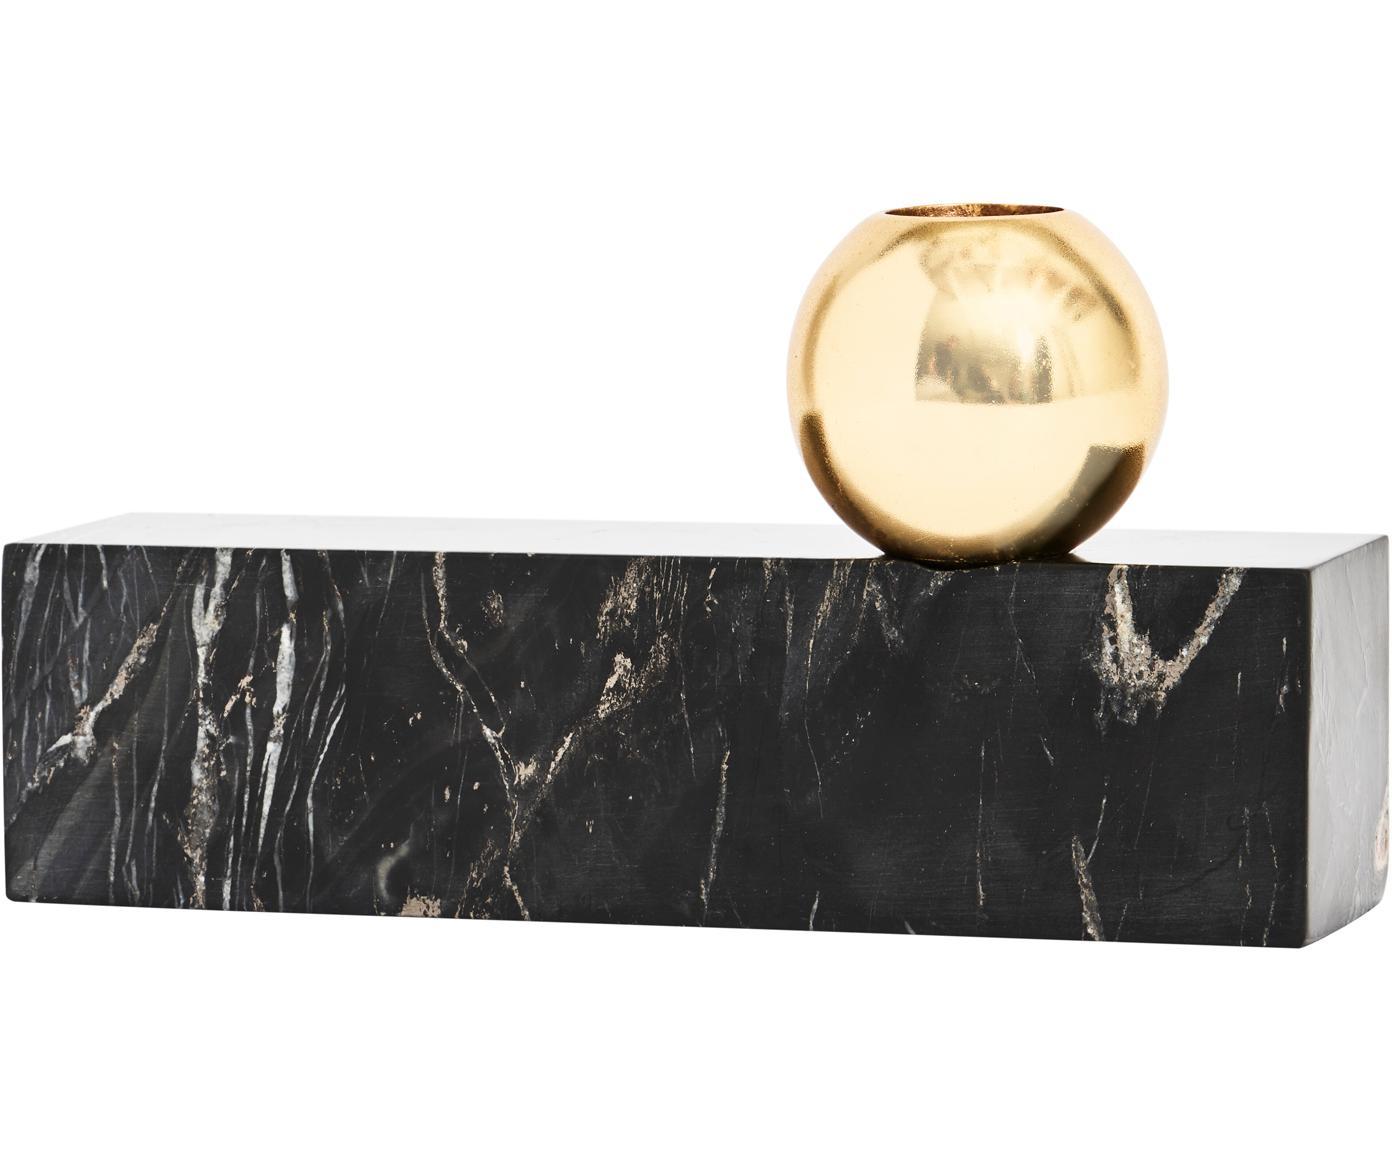 Portacandele in marmo Tangent, Marmo, metallo, ottone, Nero marmorizzato, ottone, Larg. 17 x Alt. 9 cm